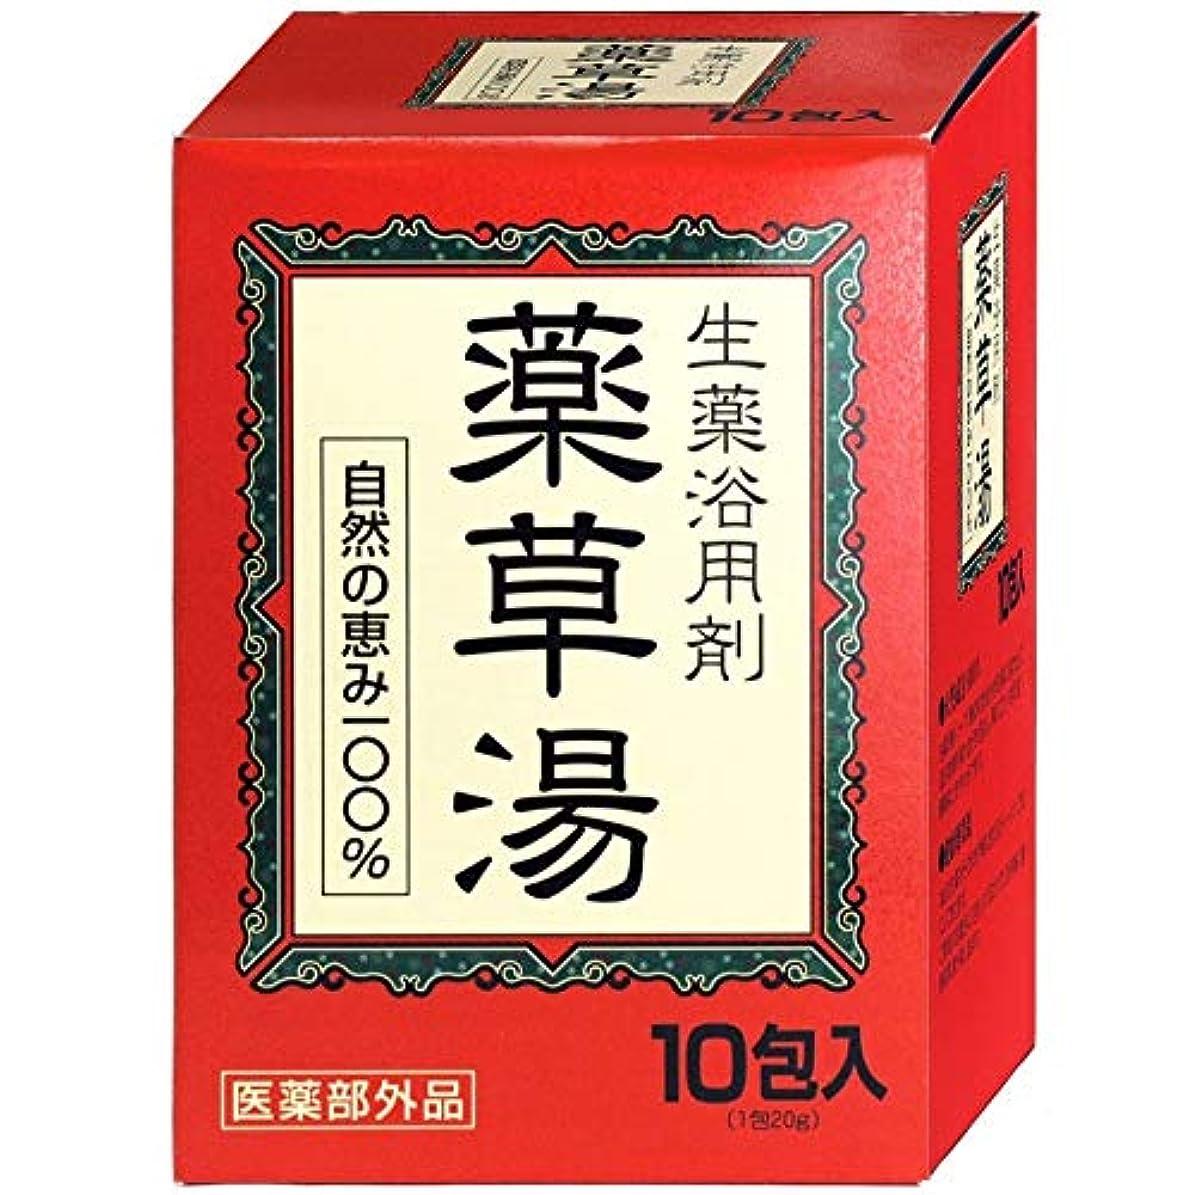 取り出すパケット落胆したVVN生薬入浴剤薬草湯10包×(10セット)